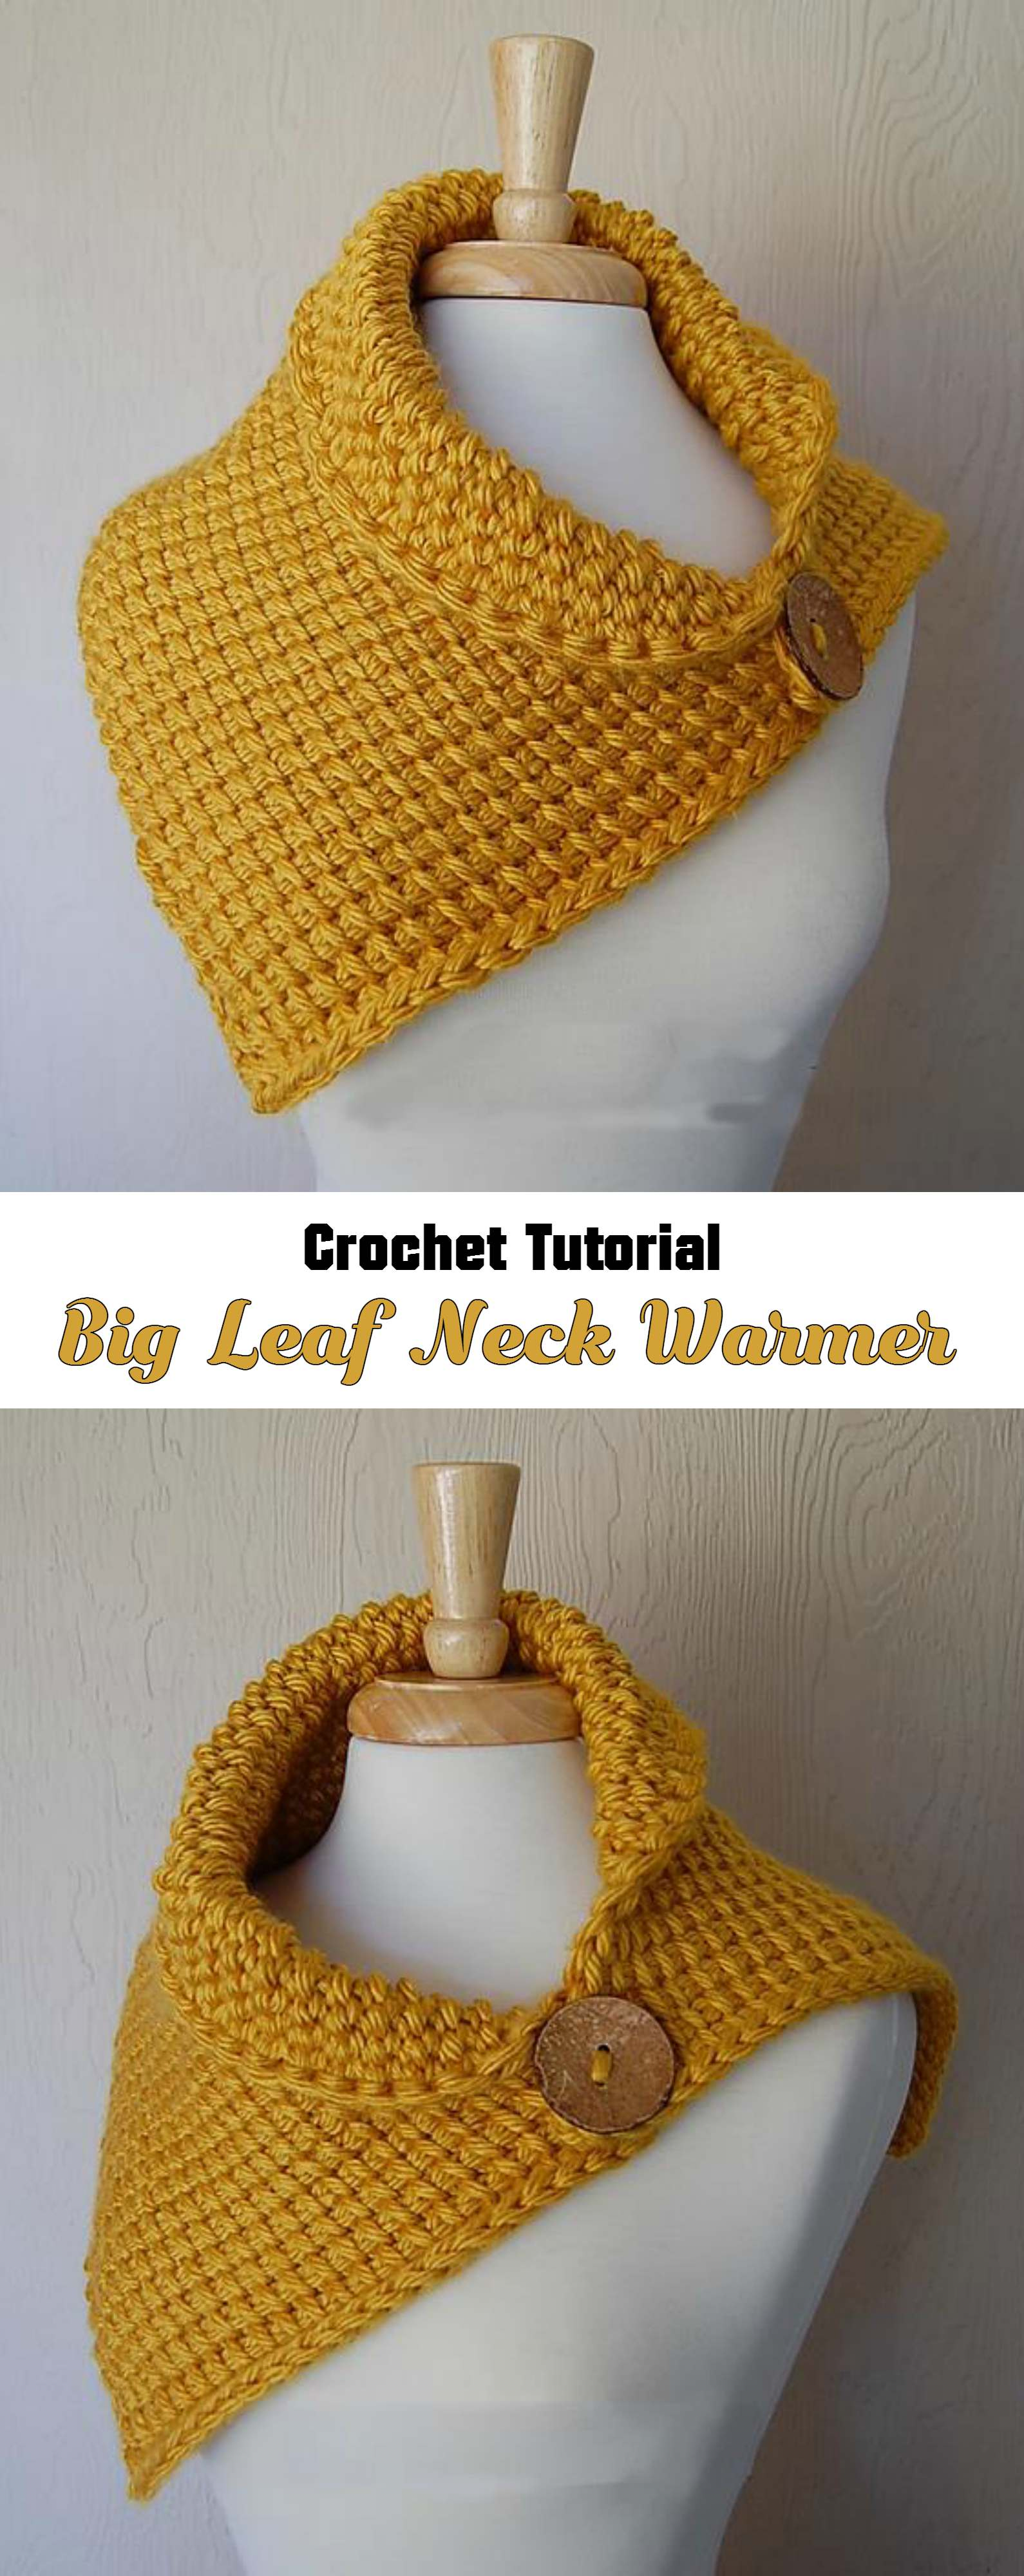 Crochet Leaf Neck Warmer - Pretty Ideas